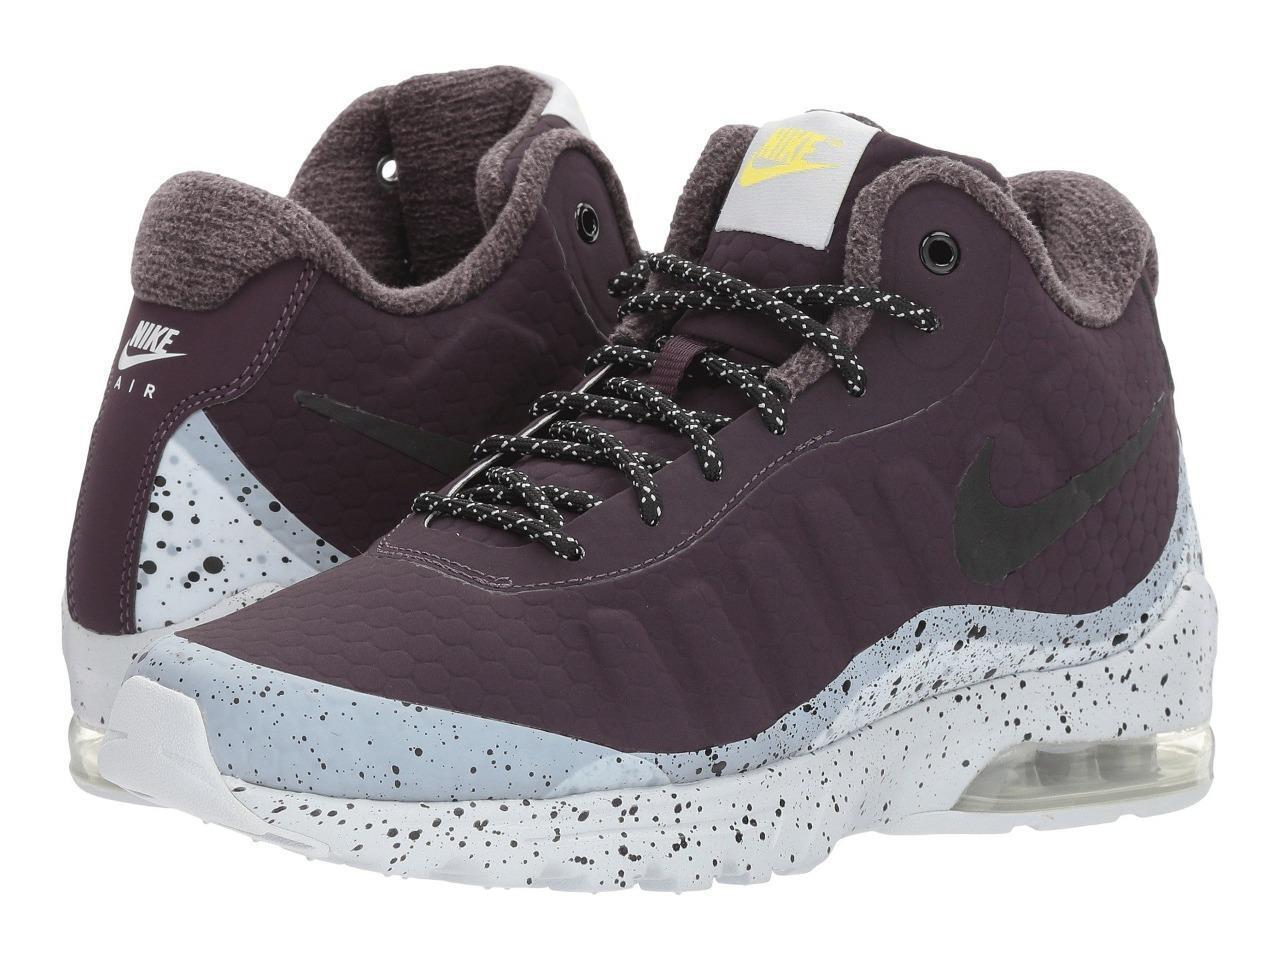 New Nike Wouomo Air Max Invigor Mid scarpe da ginnastica  avvio Port Wine 861661 -601 Dimensione 8.5  articoli promozionali